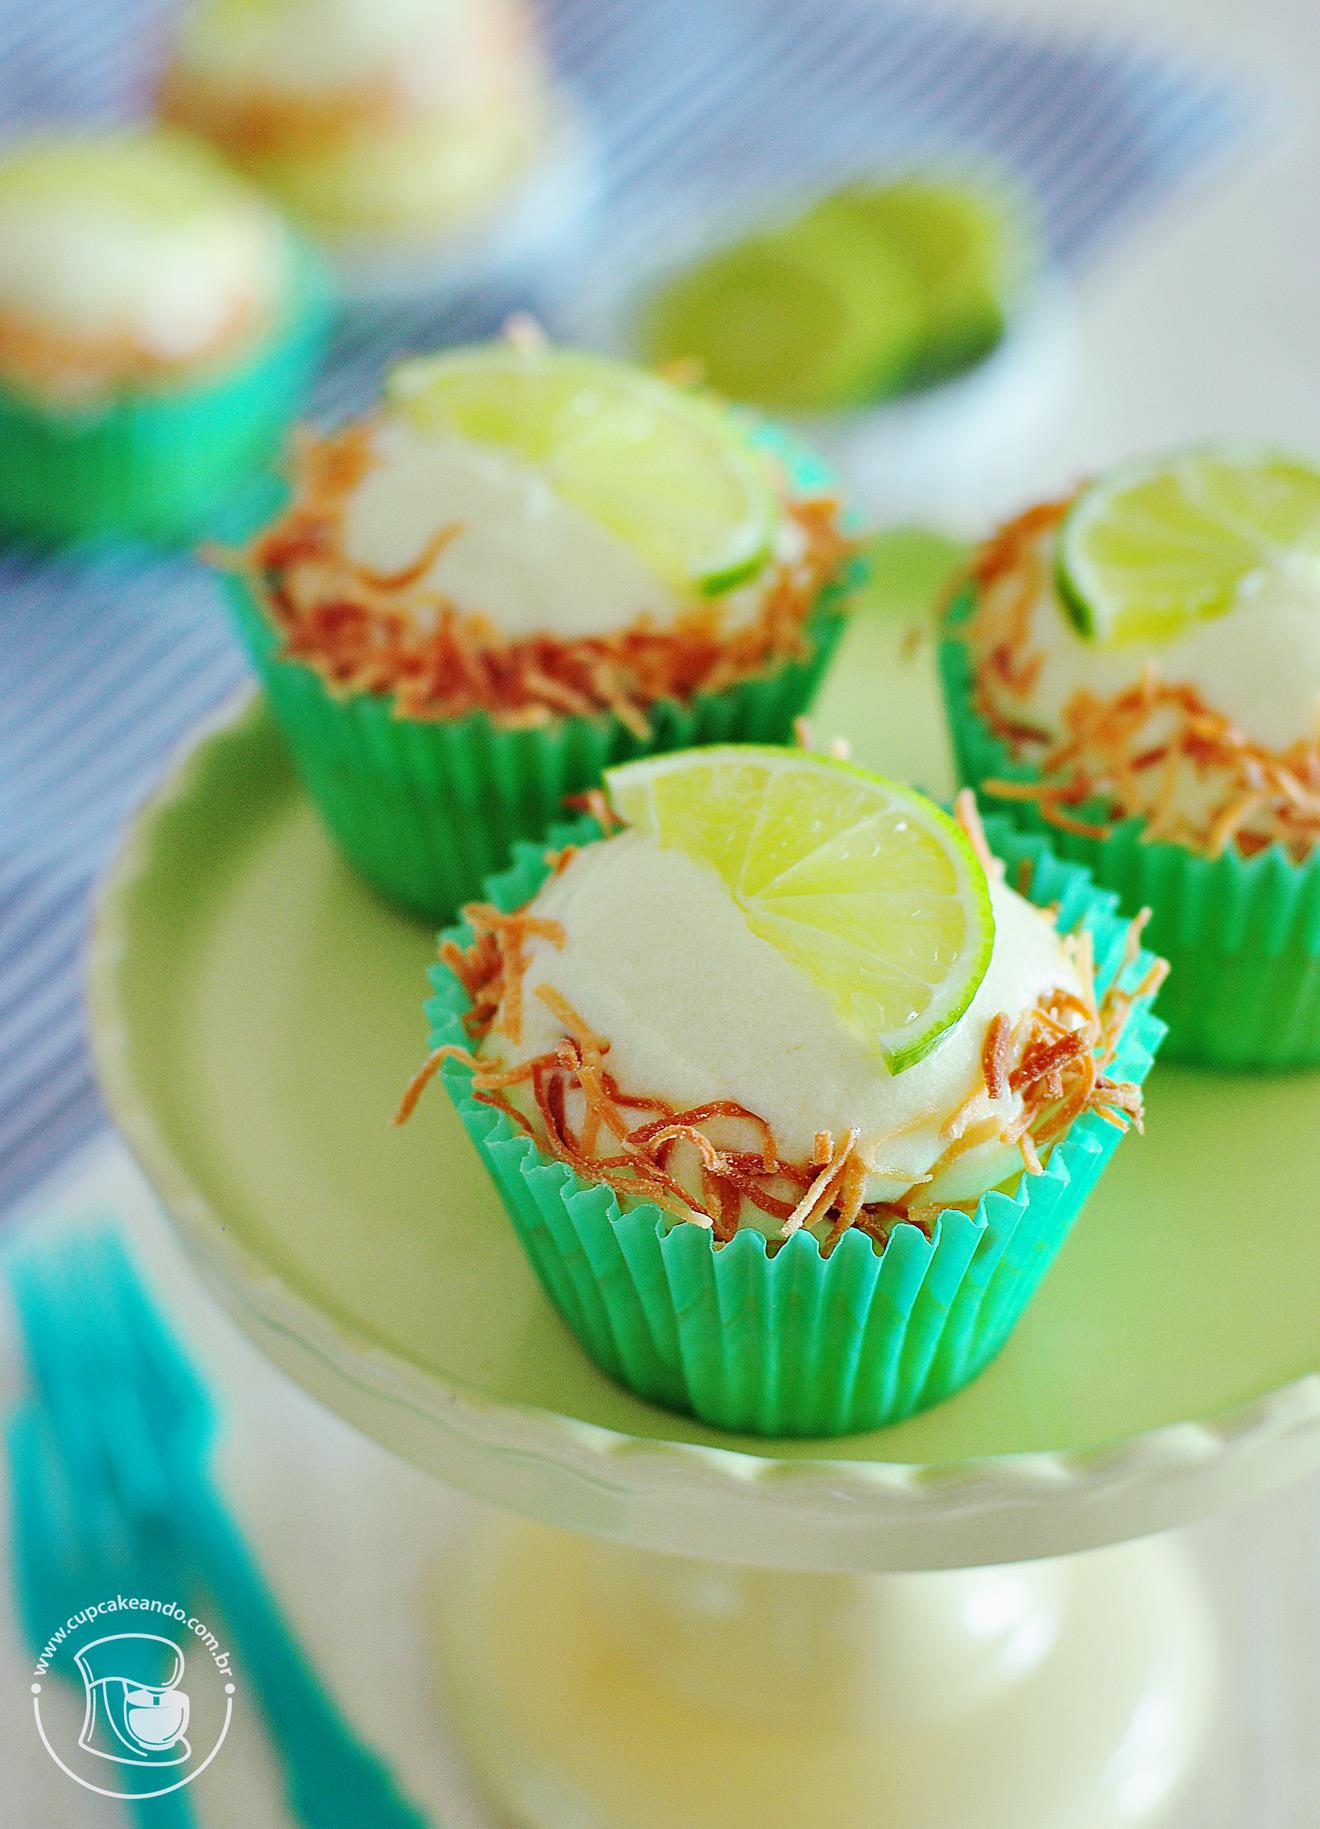 Cupcakes de limão e coco tostado